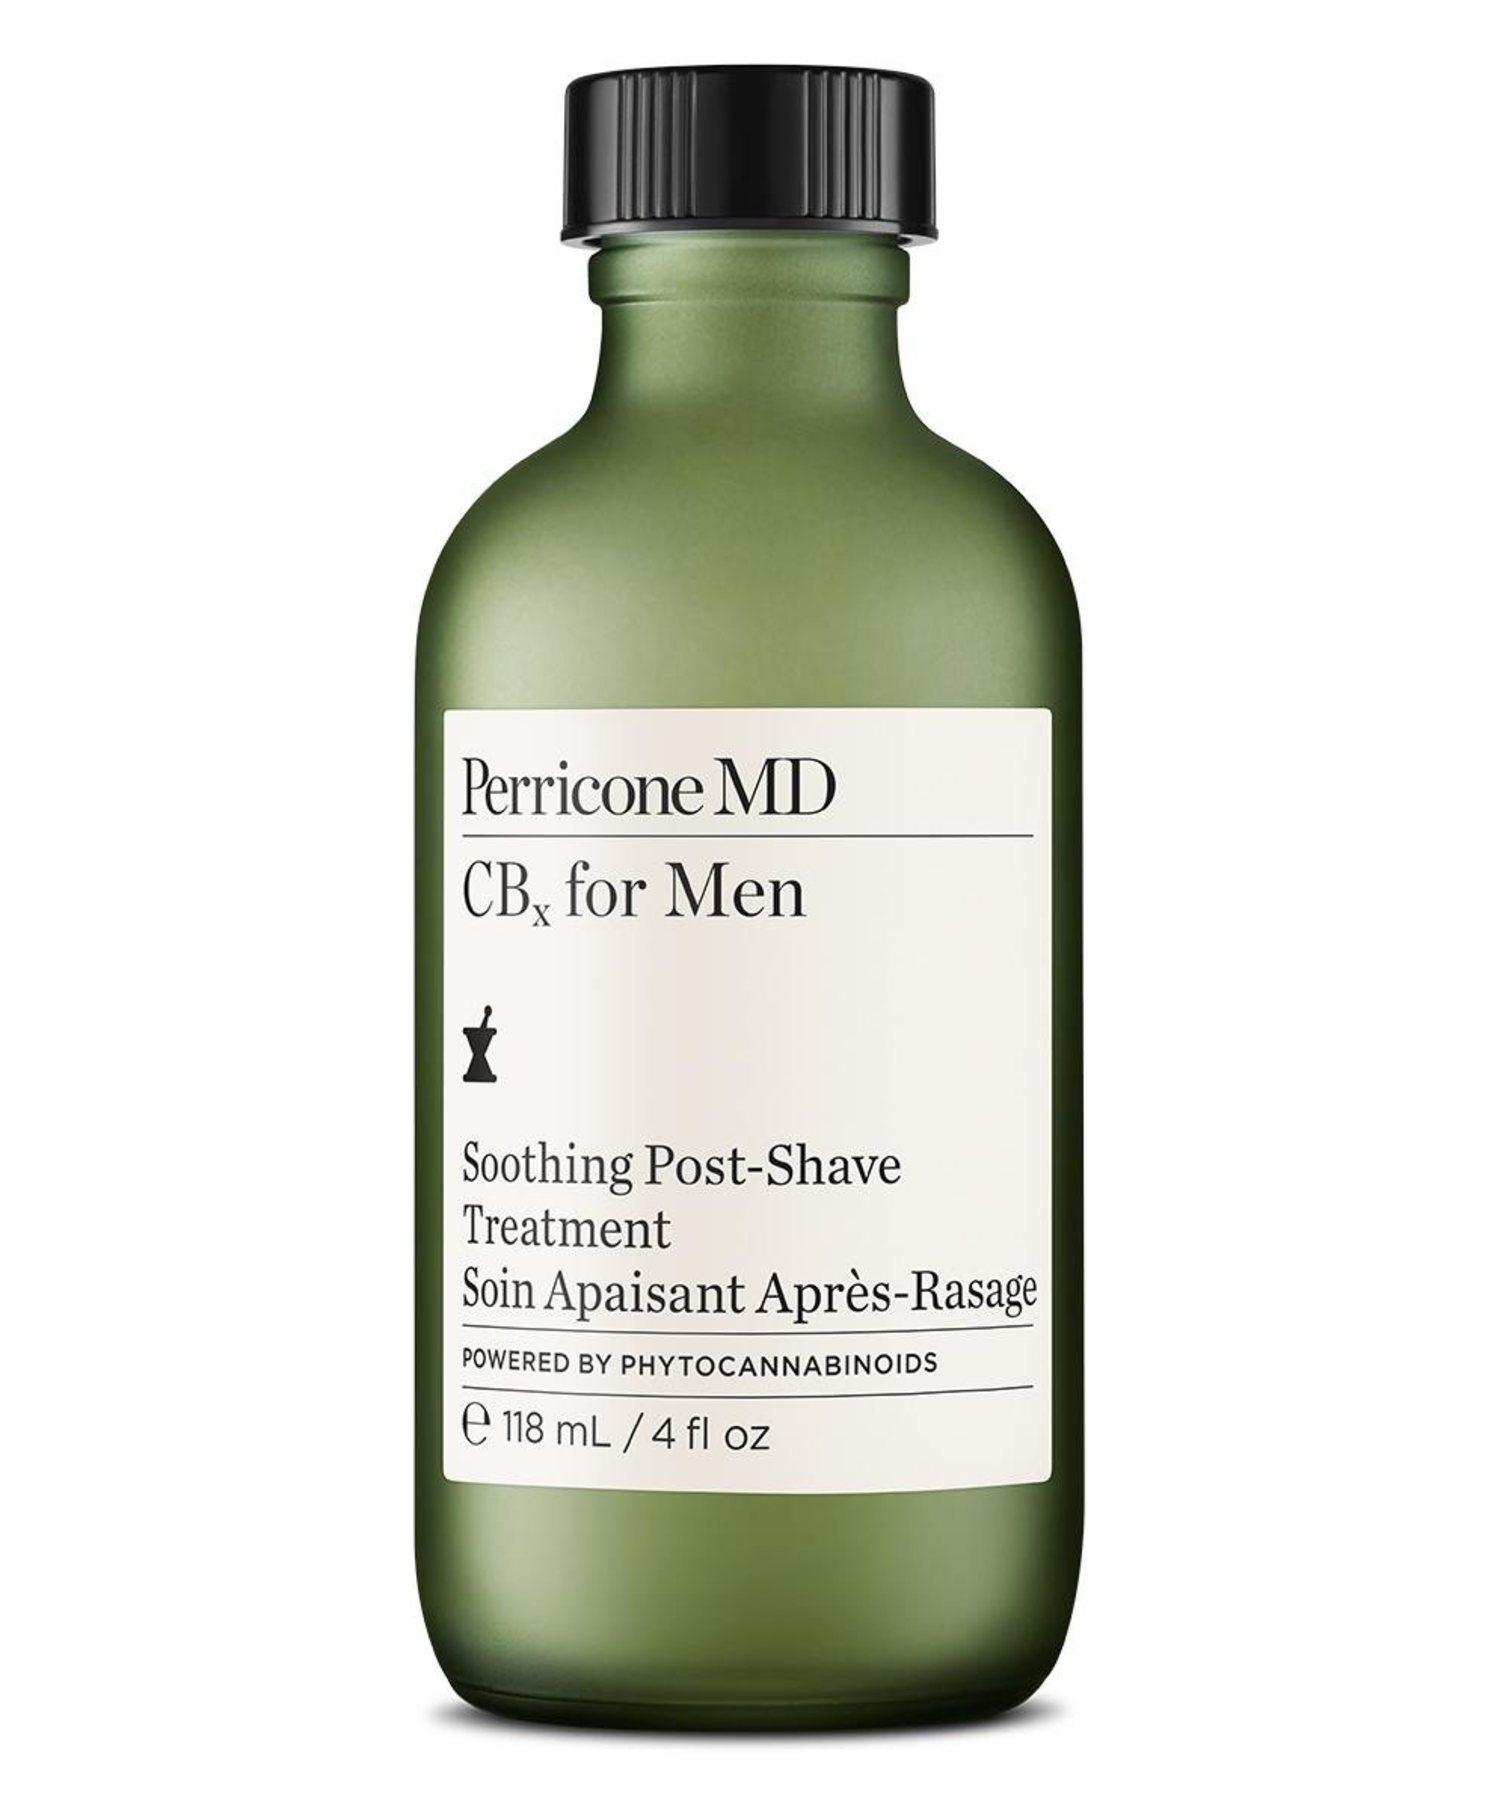 El aftershave incluye fitocannabinoides y ginseng siberiano, en un frasco de 118 ml